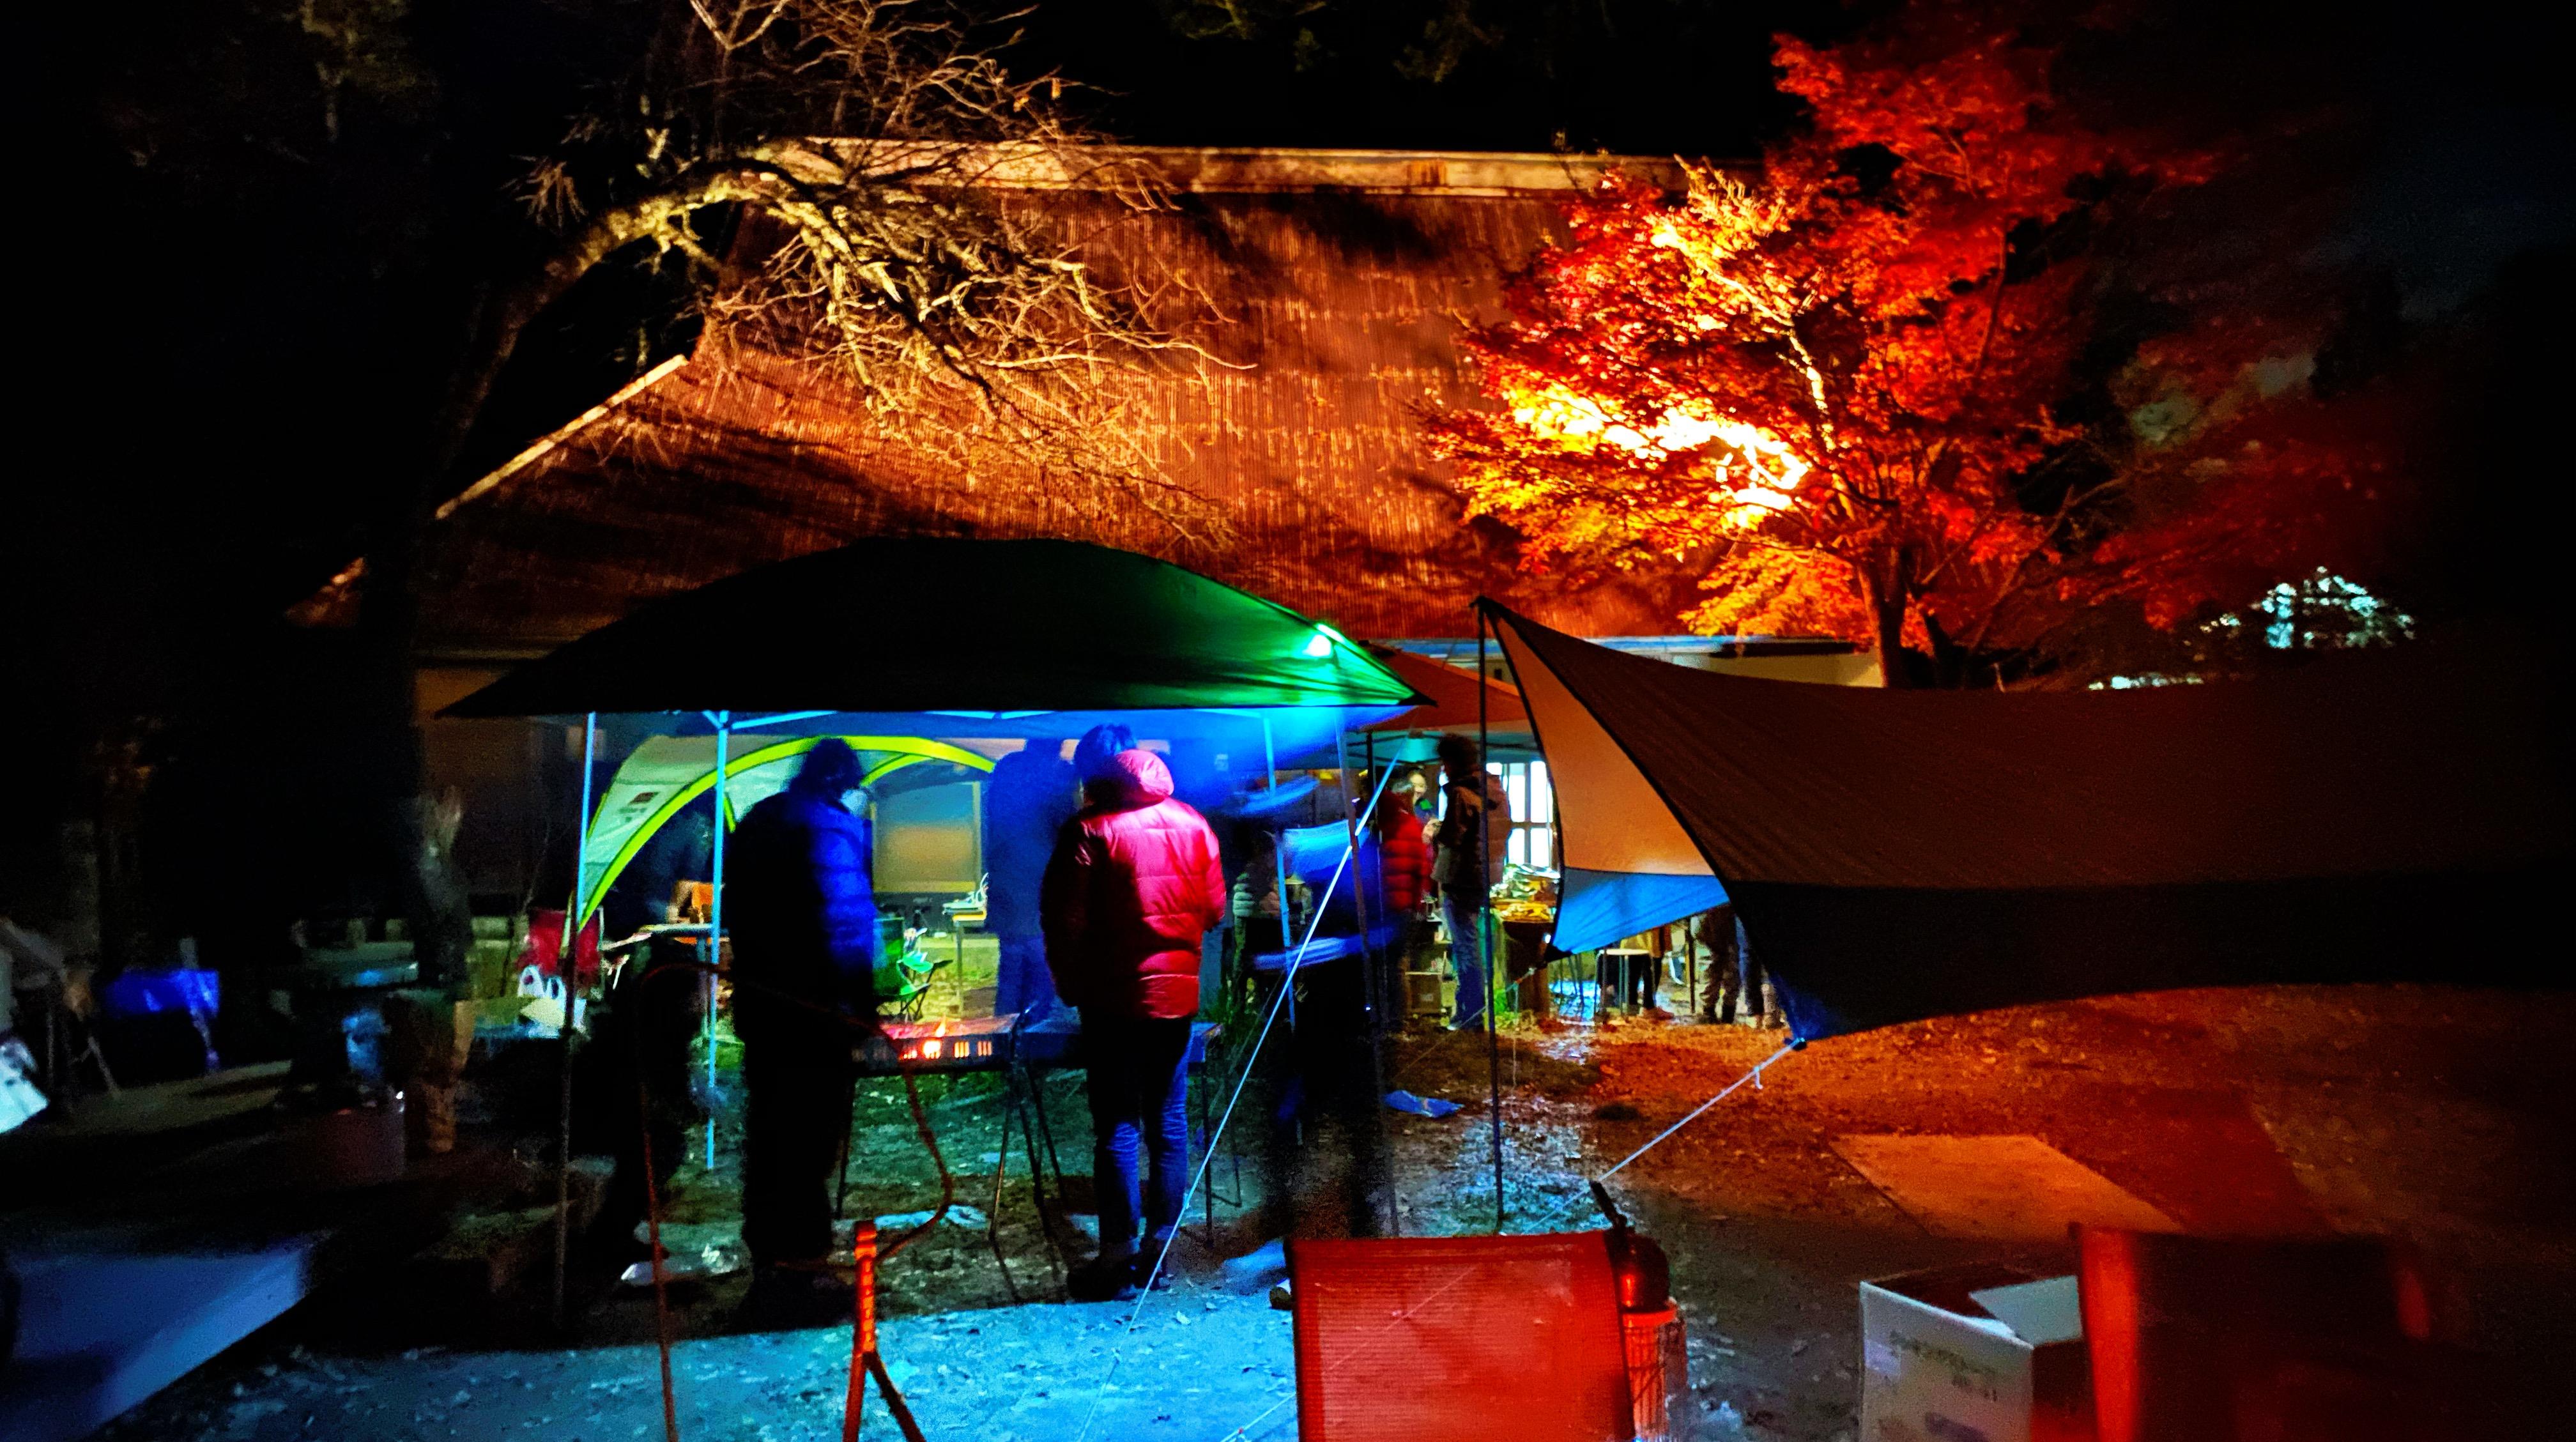 夜間も楽しめるグランピングテント/焚き火(直火)/音響施設/古民家があります。